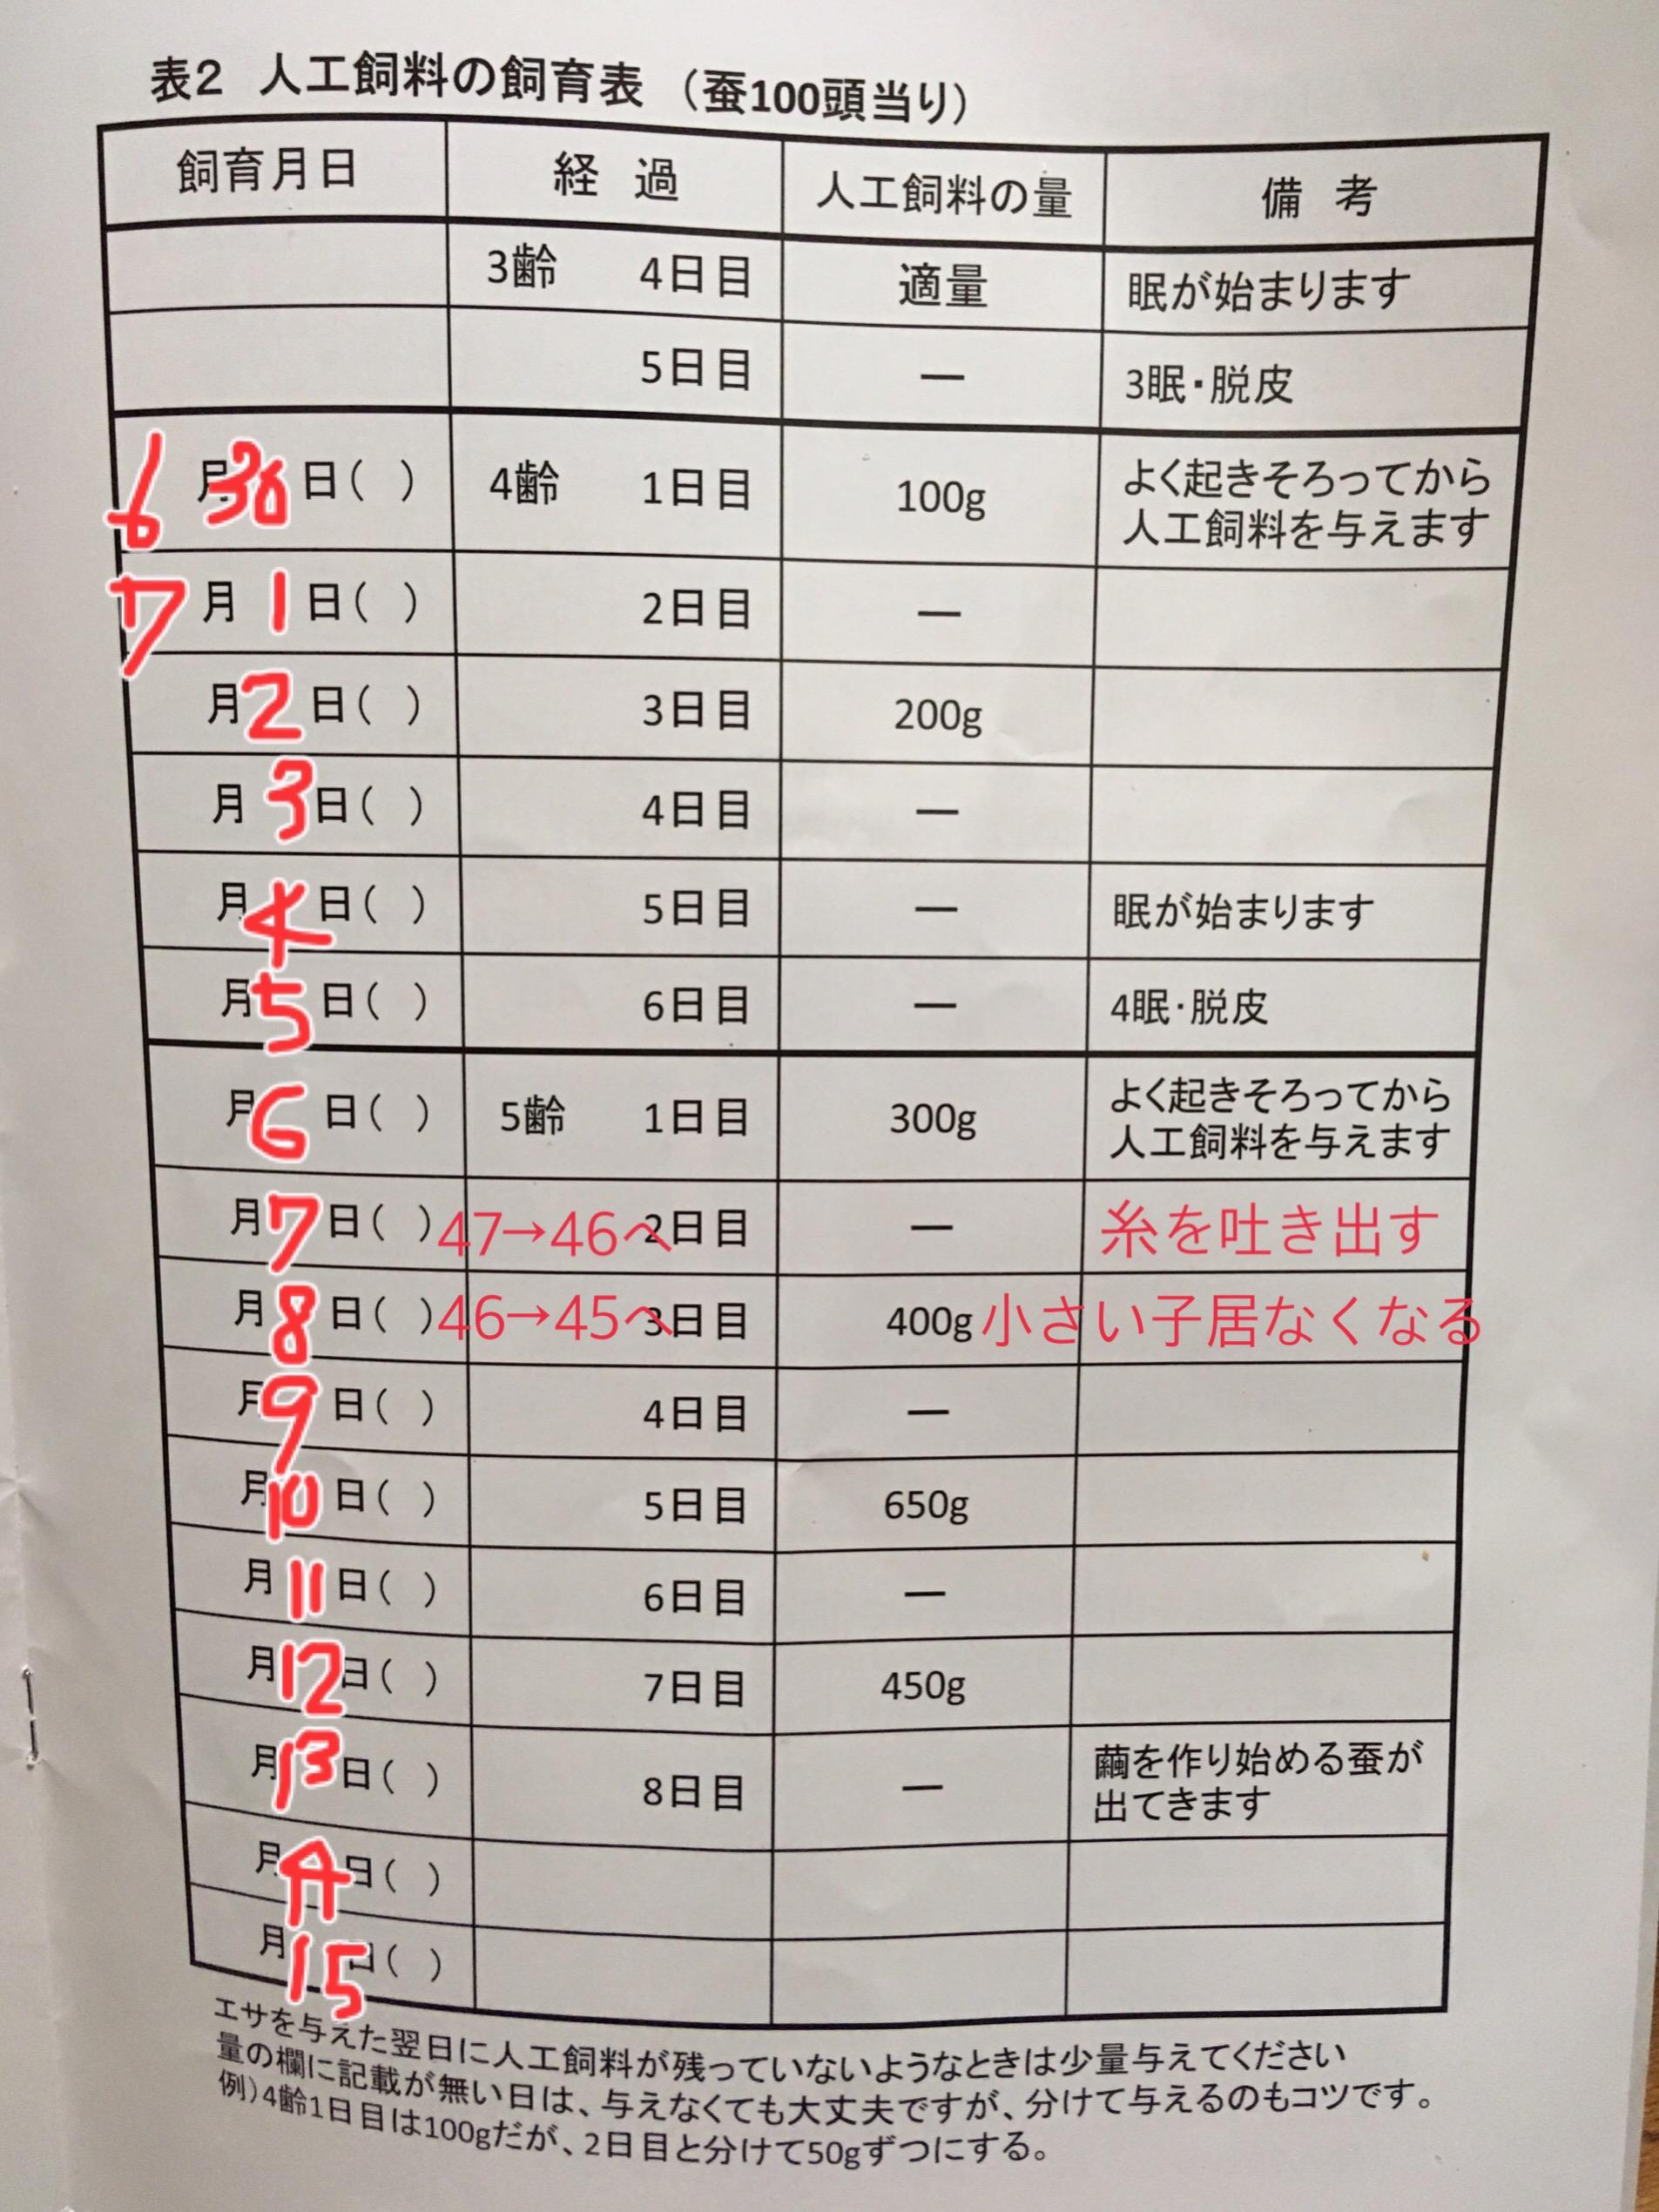 お蚕,飼育マニュアル,富岡製糸場